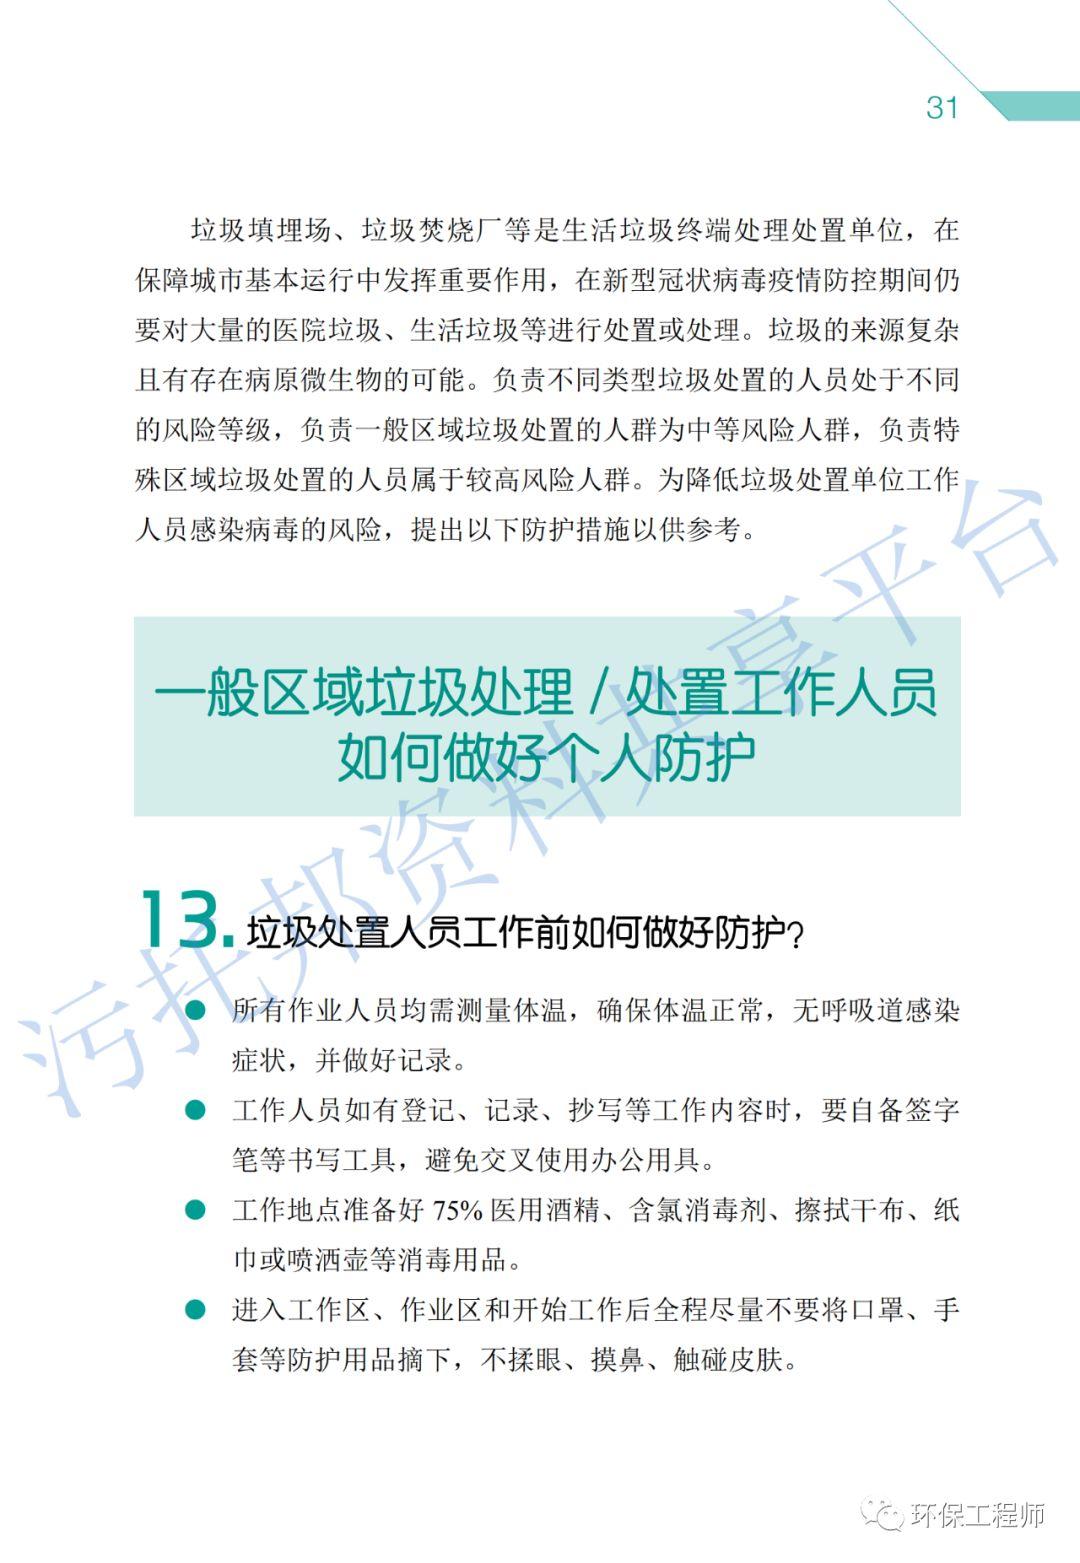 《环保从业人员新型冠状病毒疫情防护手册》_17